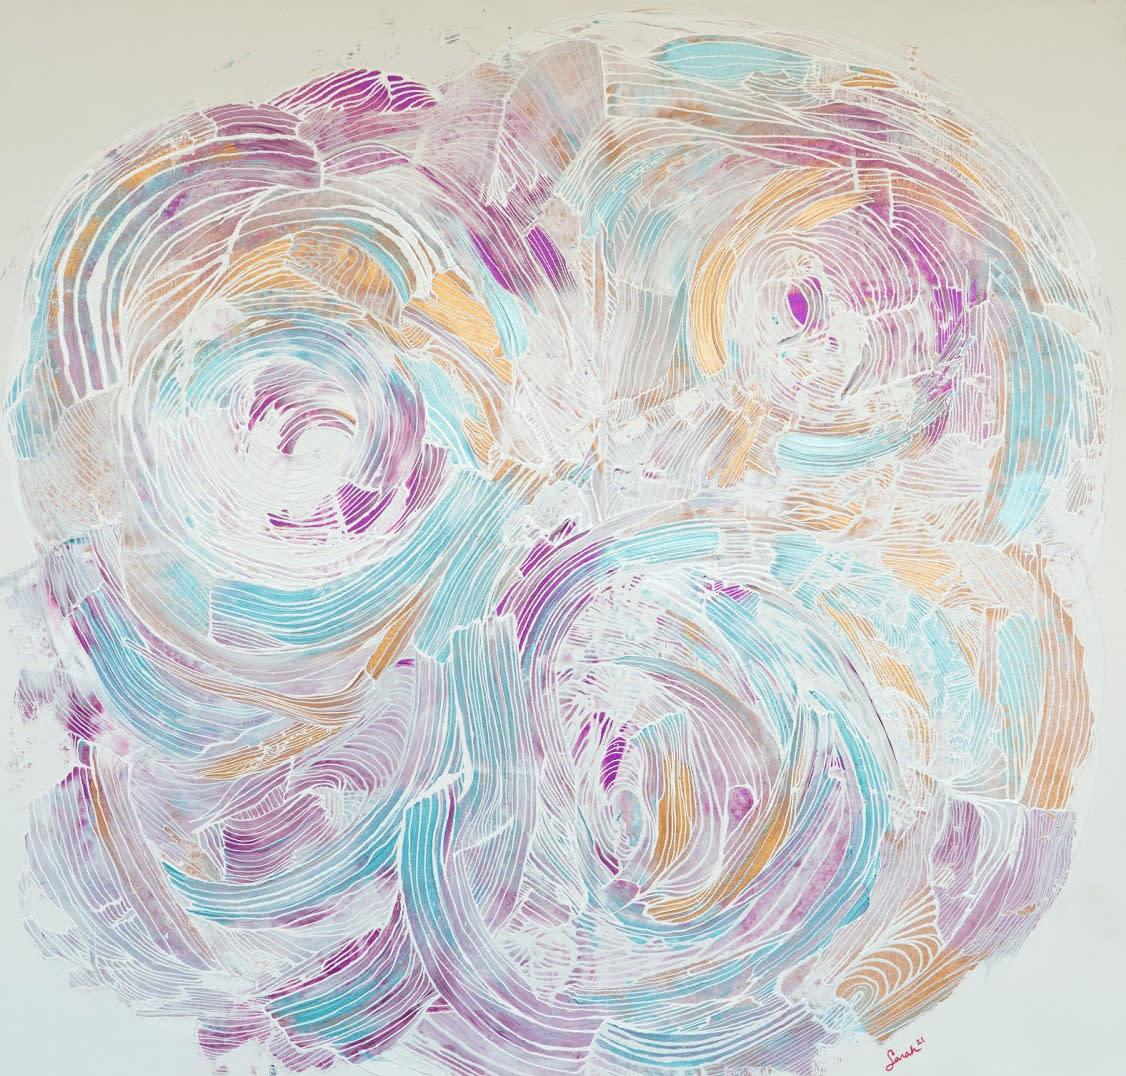 Opal jommlj